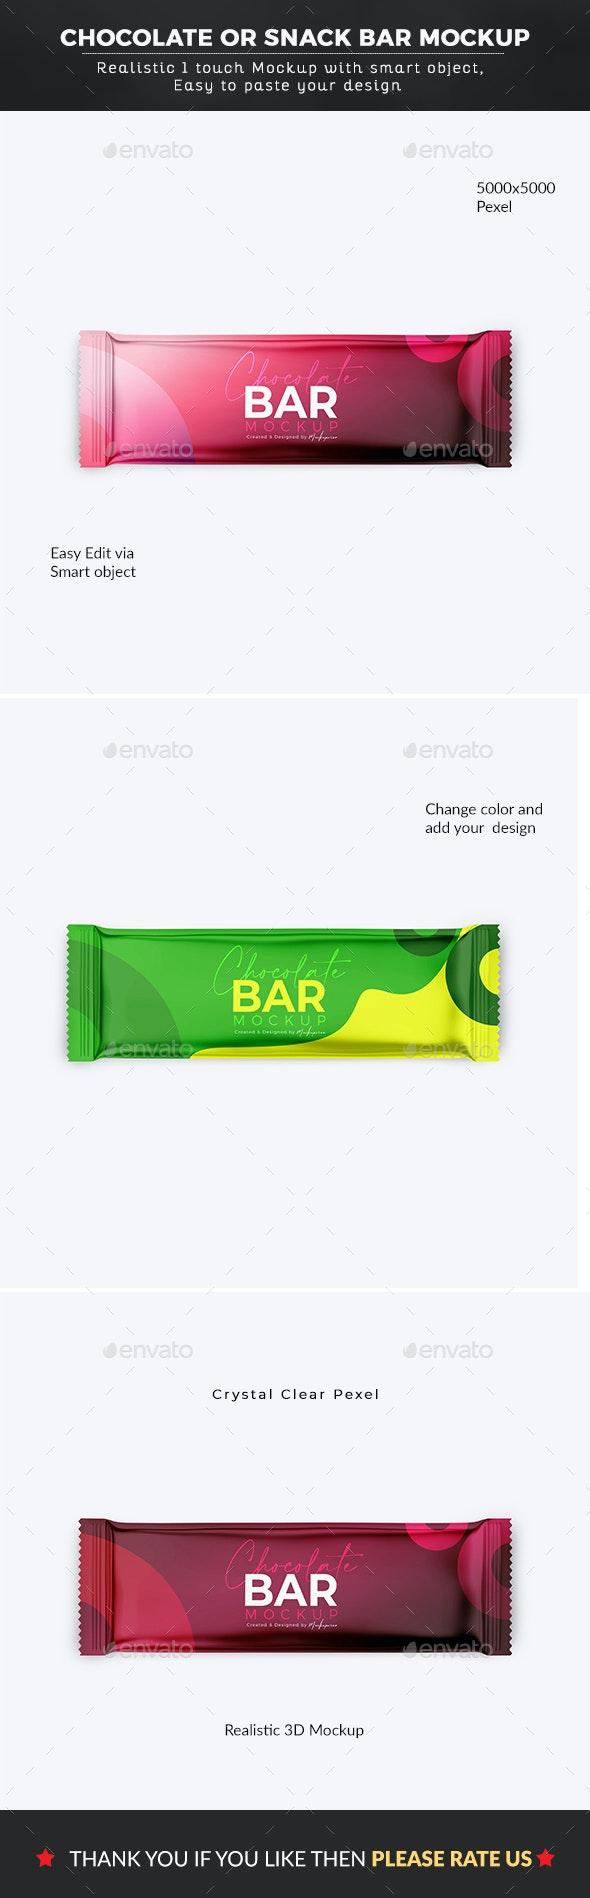 Chocolate Bar Or Snack Bar Mockup - Graphics